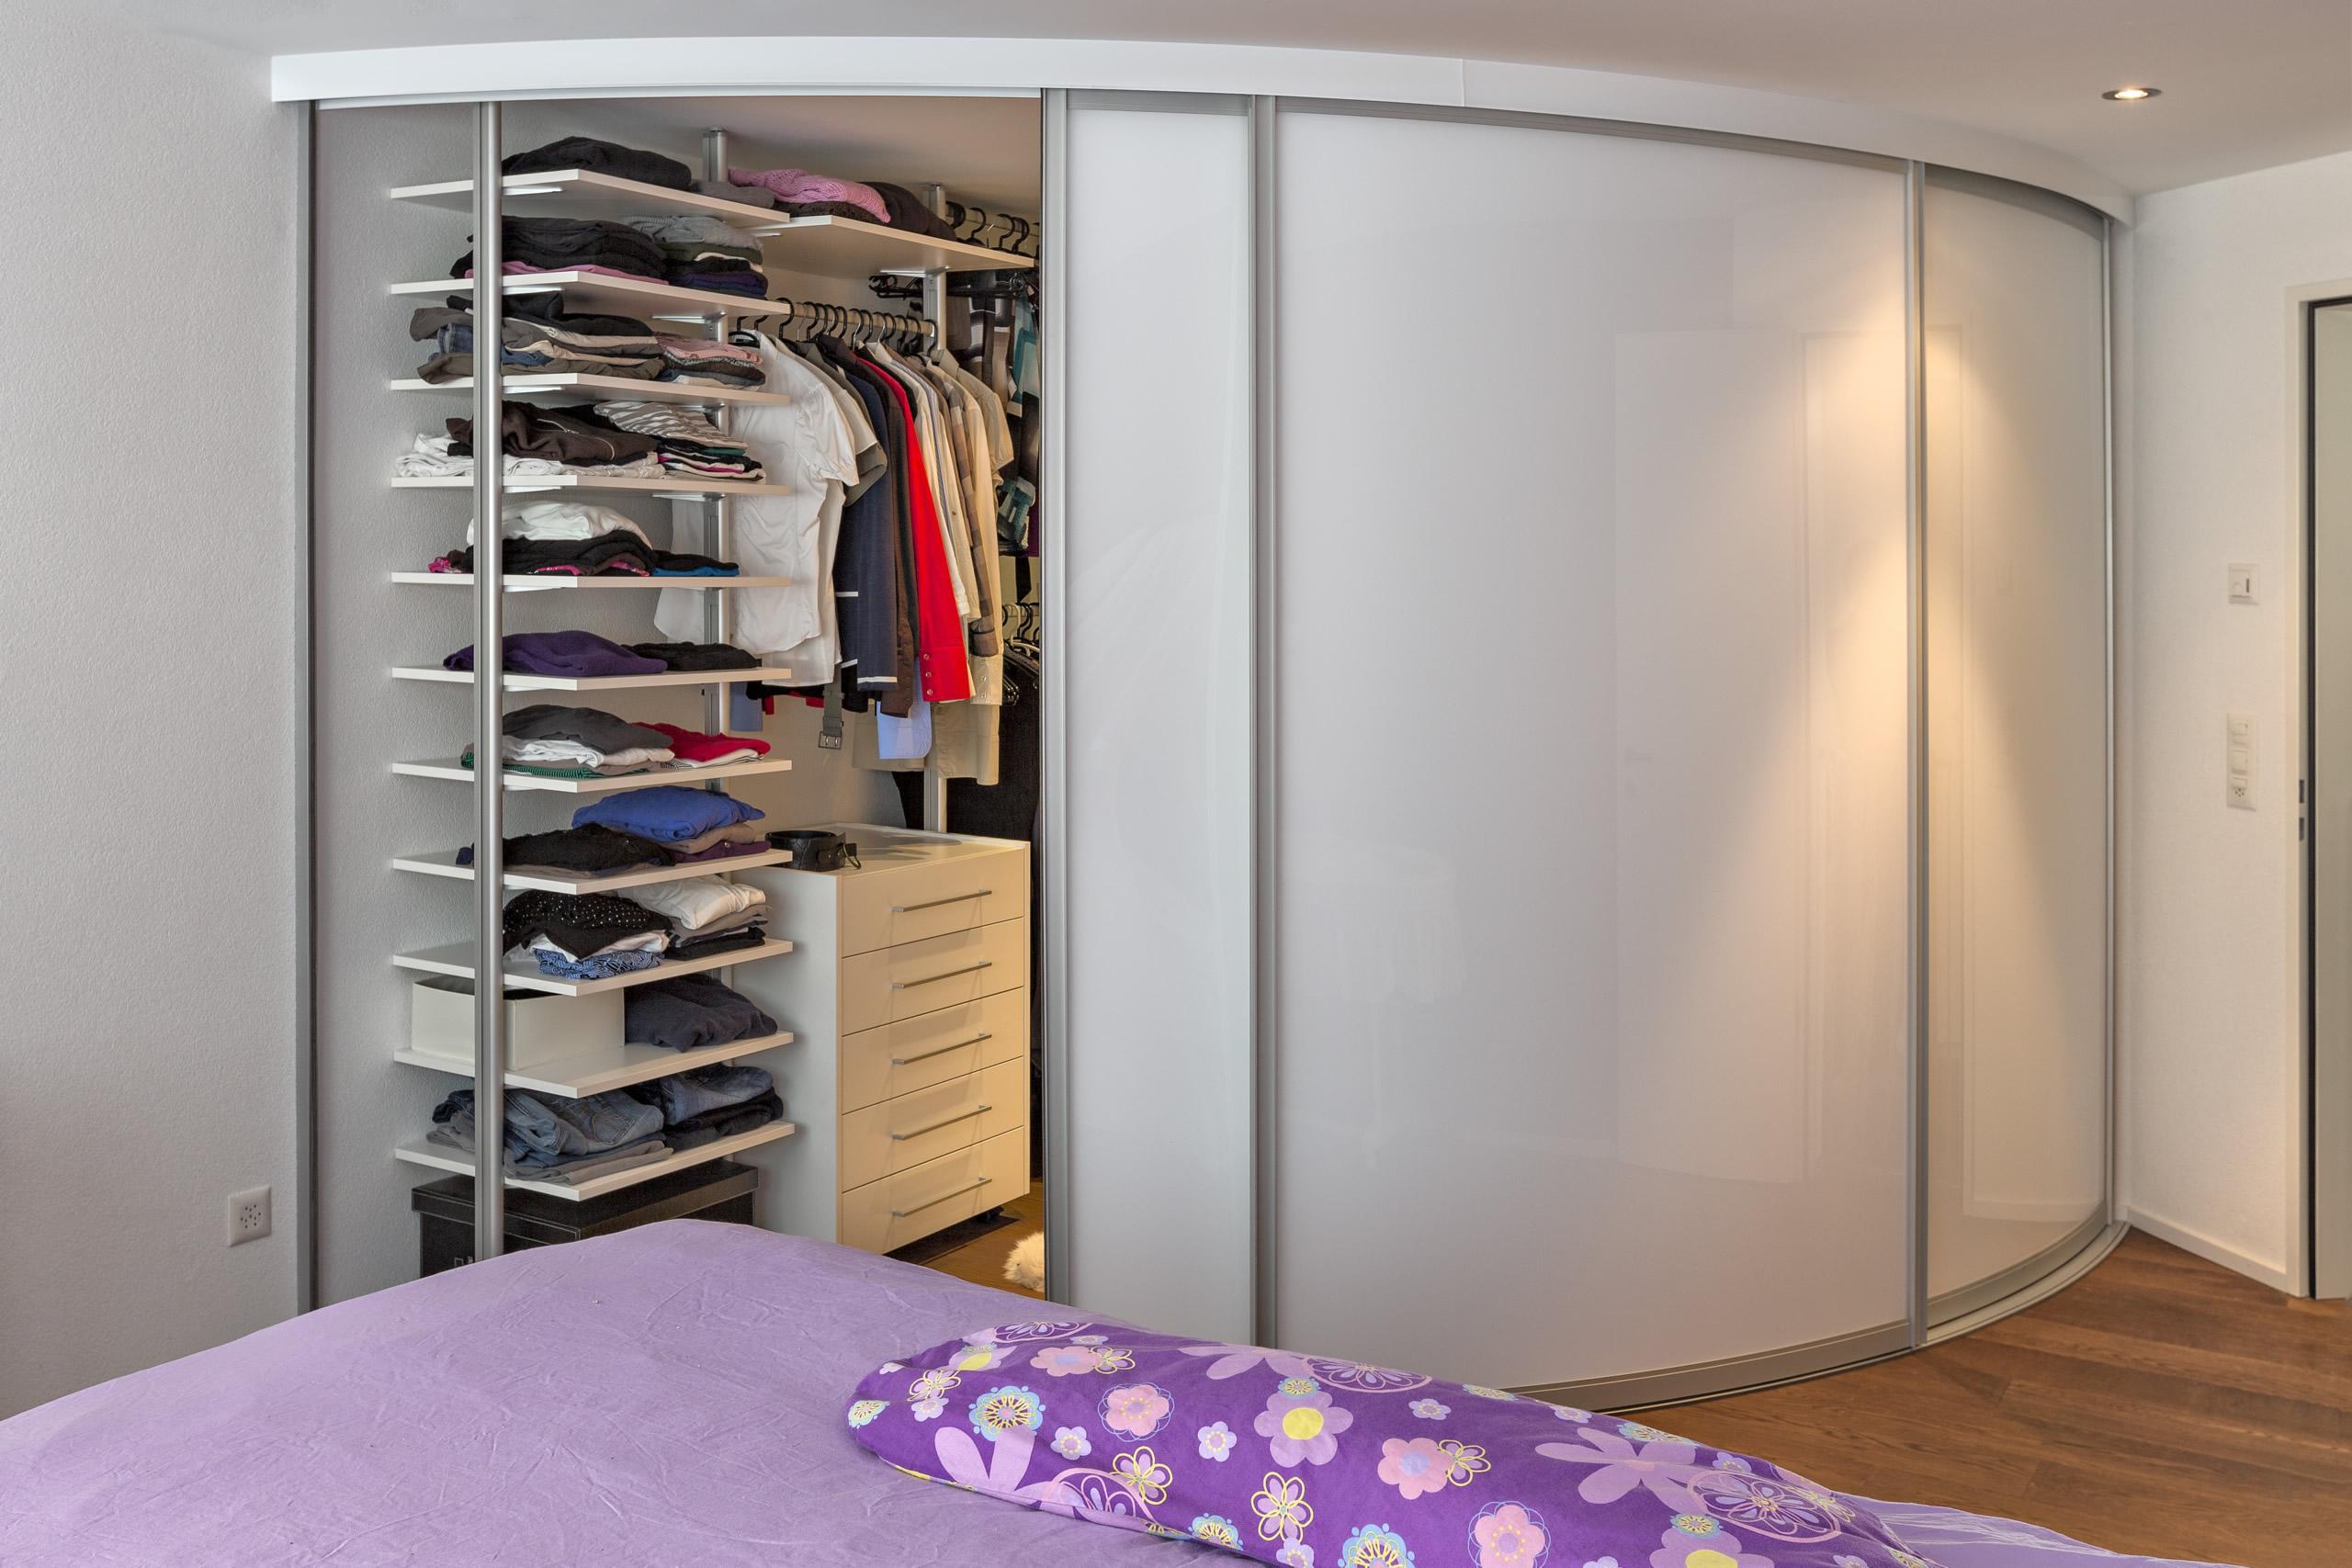 schrankraum ber eck mit rund gebogenen schiebet ren auf zu. Black Bedroom Furniture Sets. Home Design Ideas